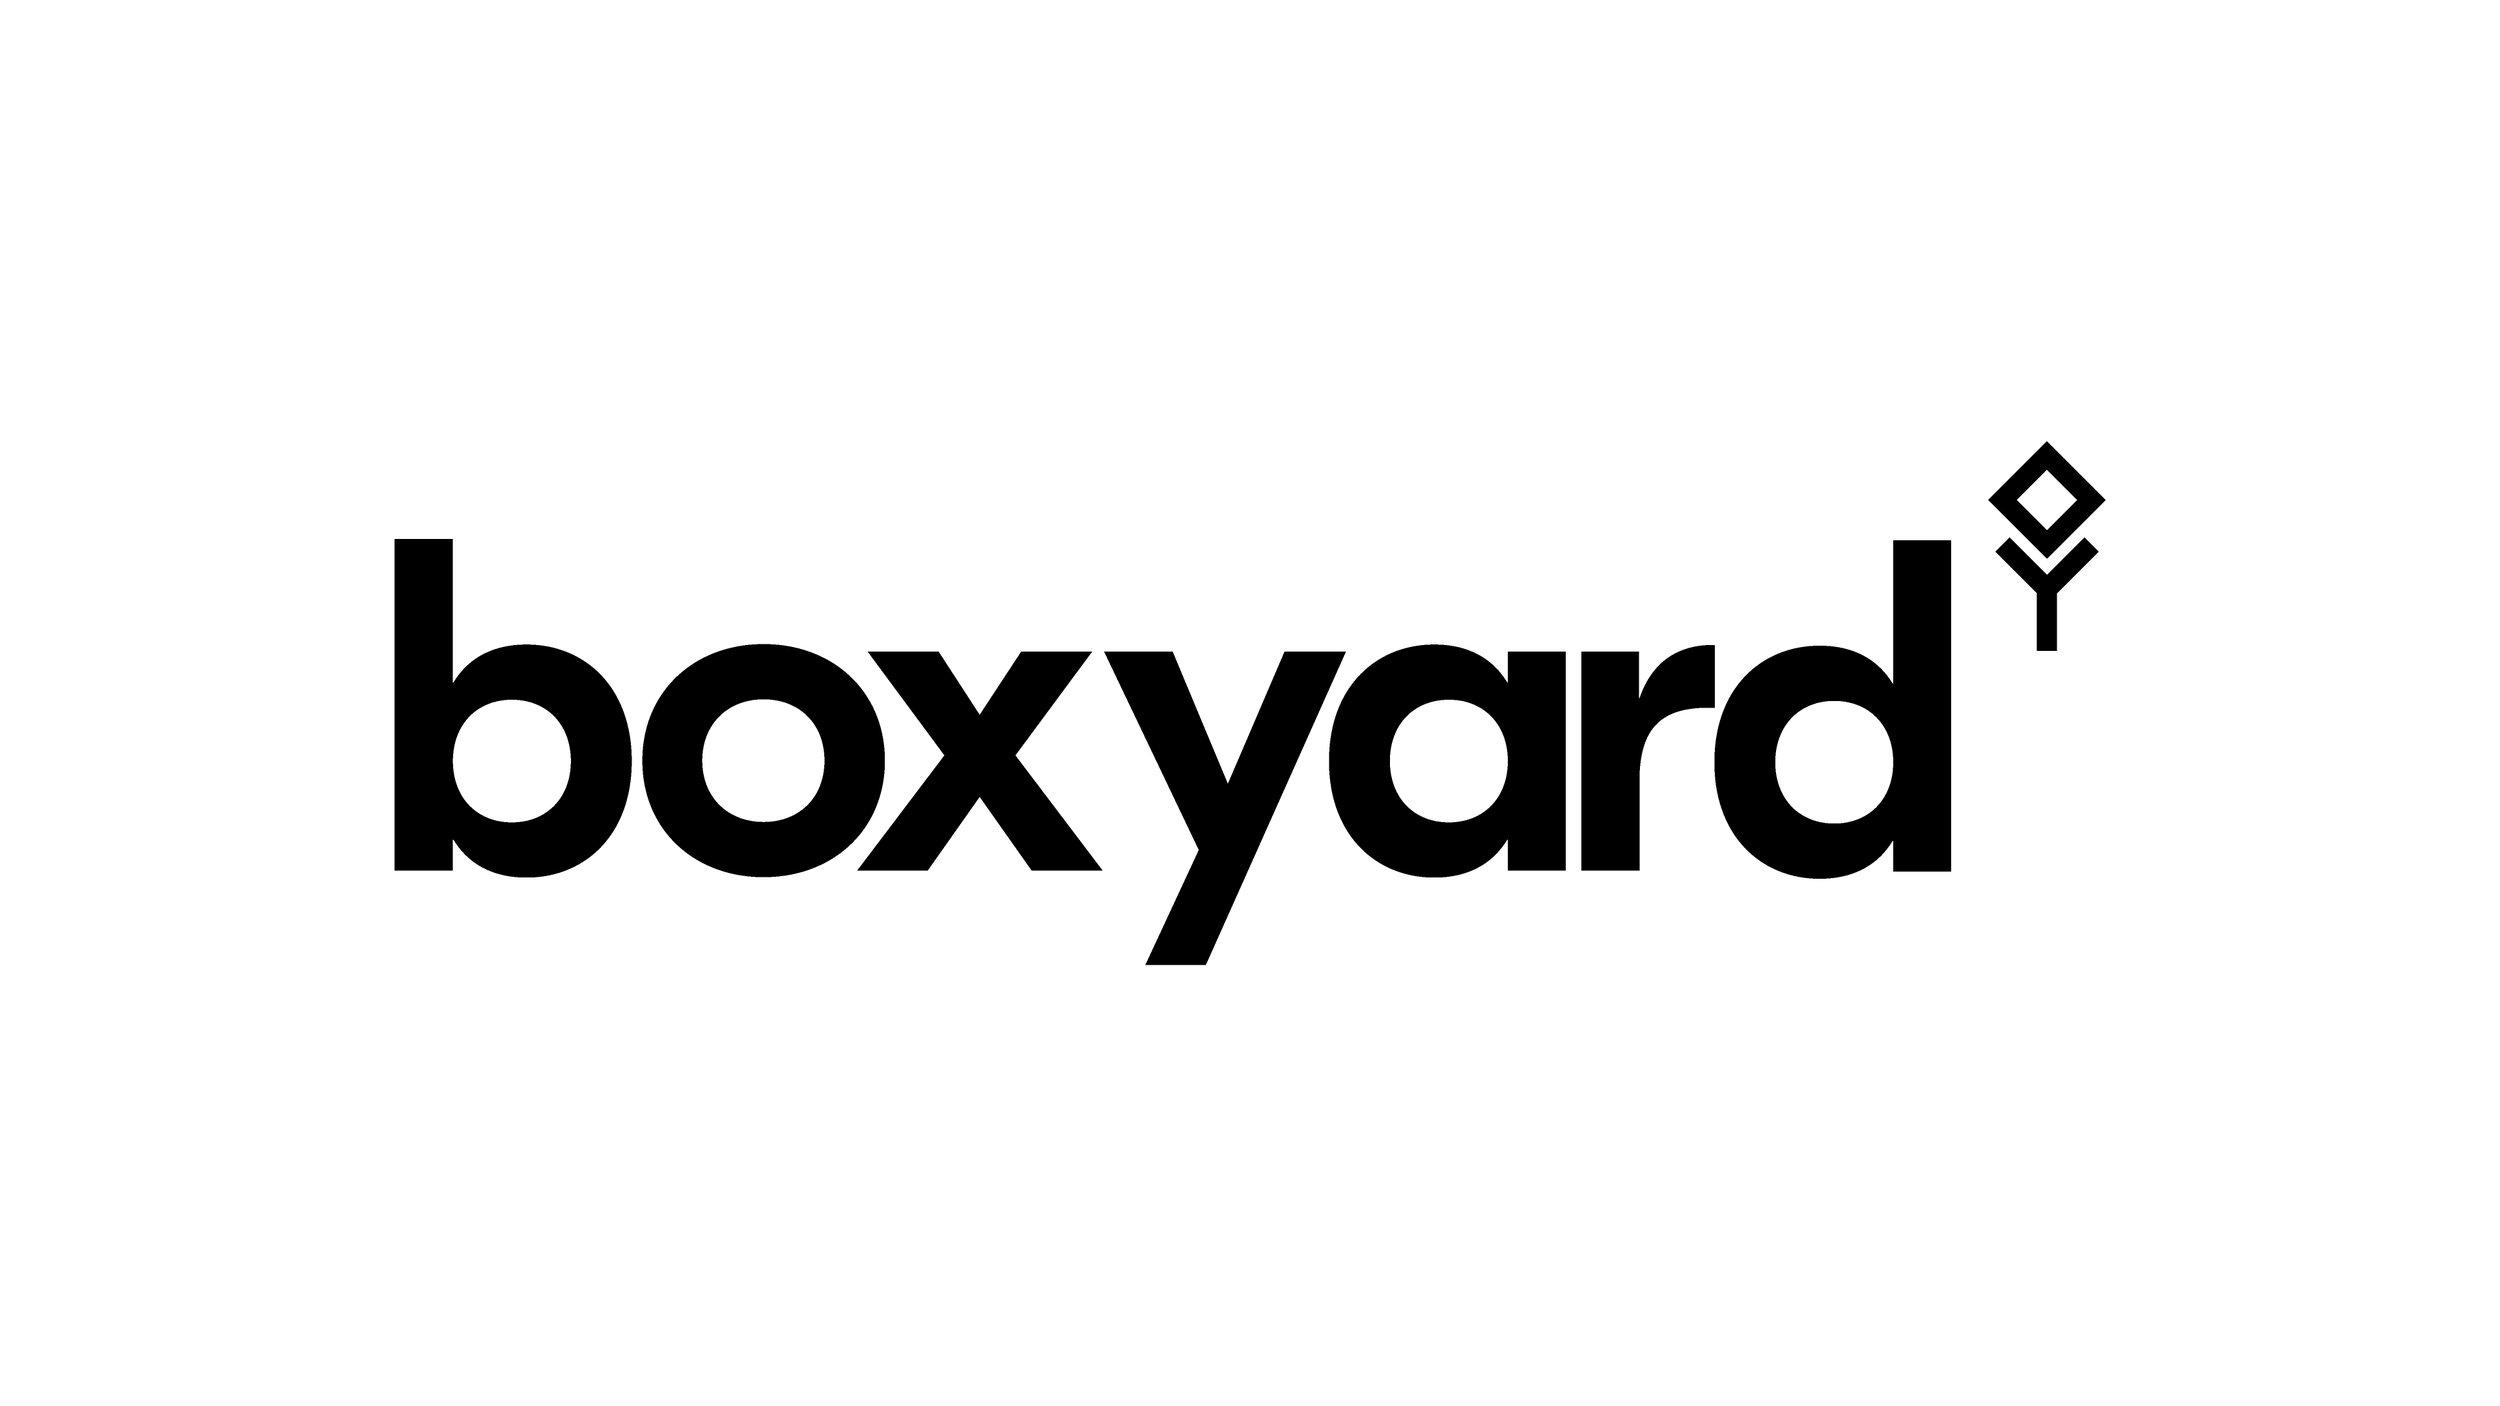 boxyard.jpg